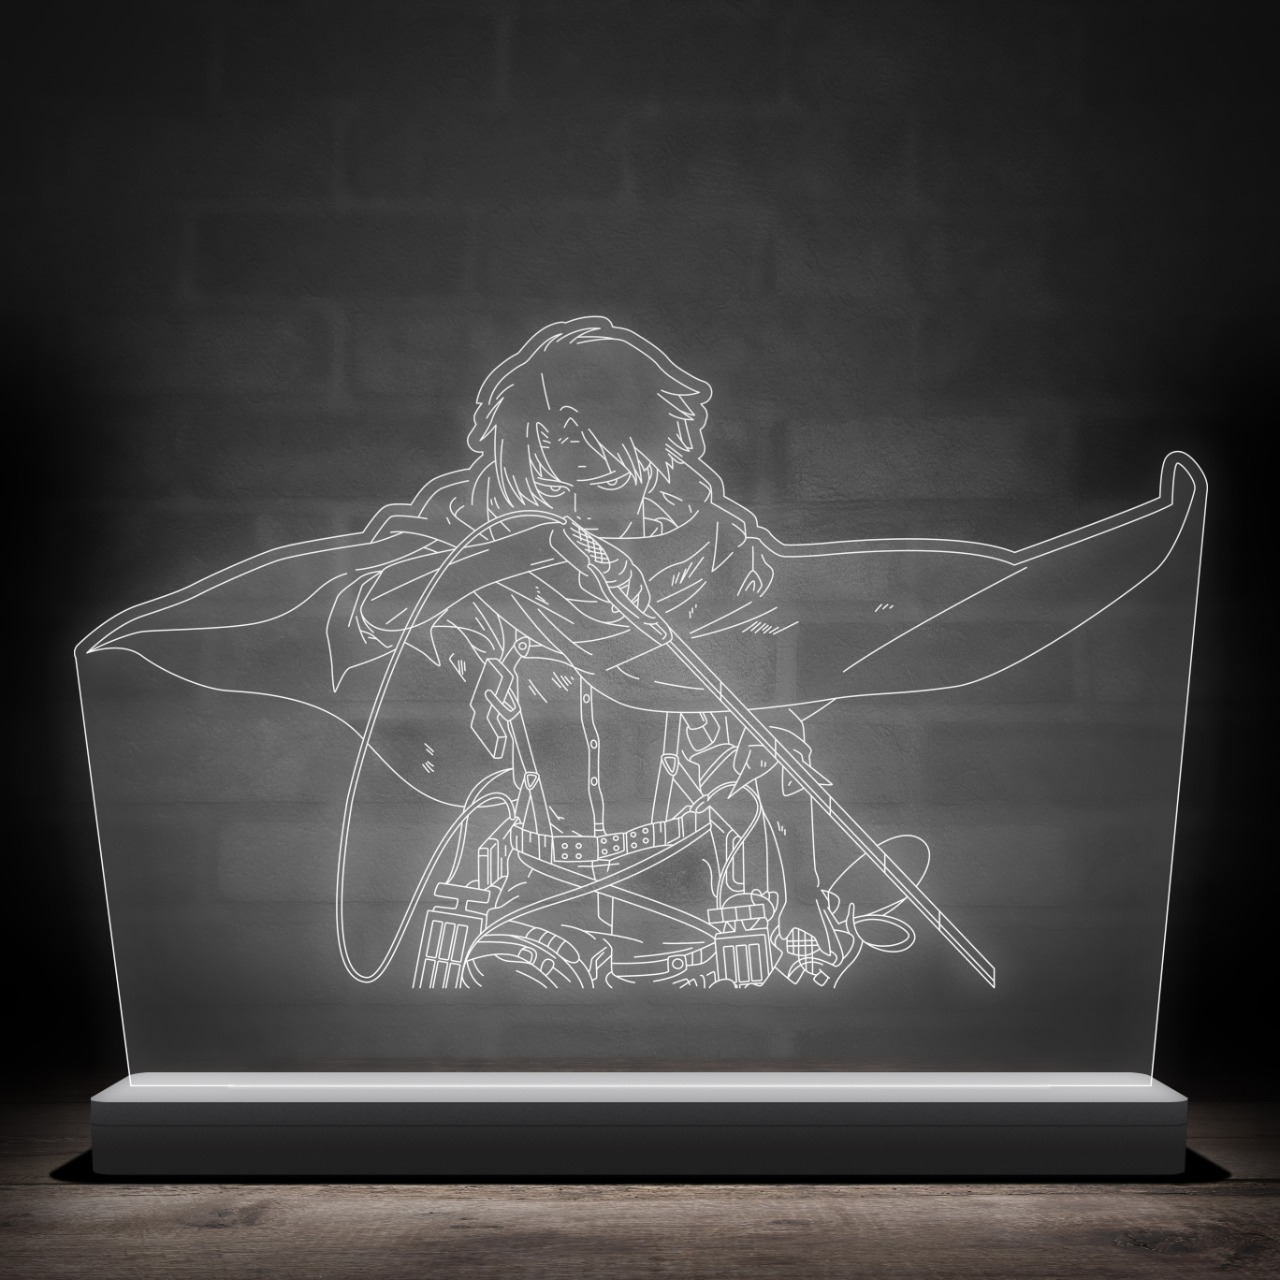 Luminária/Abajur Levi Ackerman Posição de Ataque: Attack On Titan Shingeki no Kyojin - Anime Mangá - EV